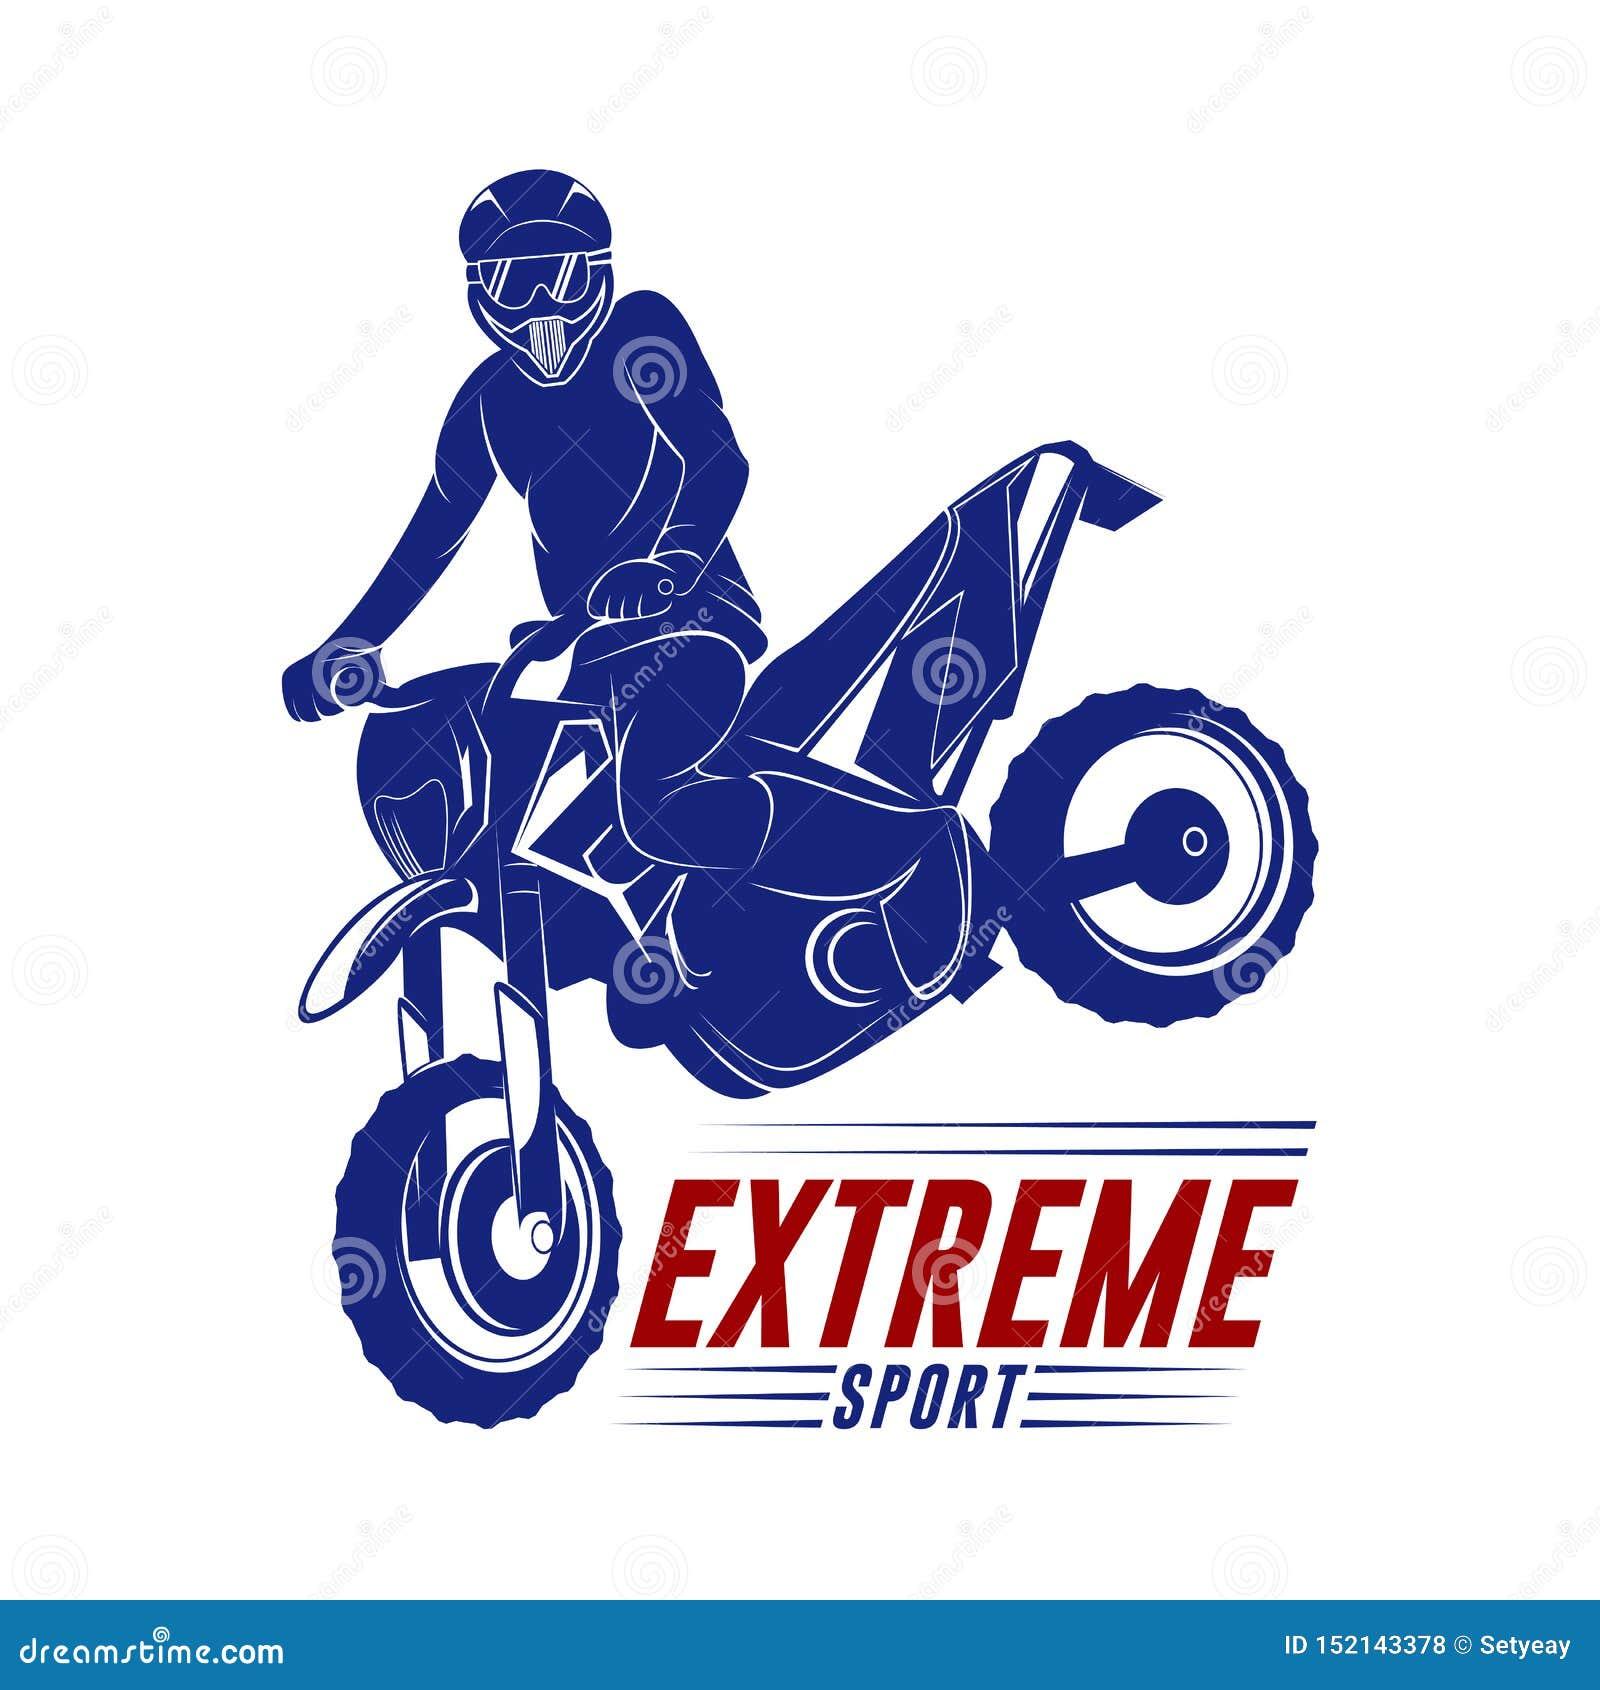 摩托车越野赛跃迁商标传染媒介 摩托车越野赛自由式传染媒介 摩托车越野赛传染媒介例证